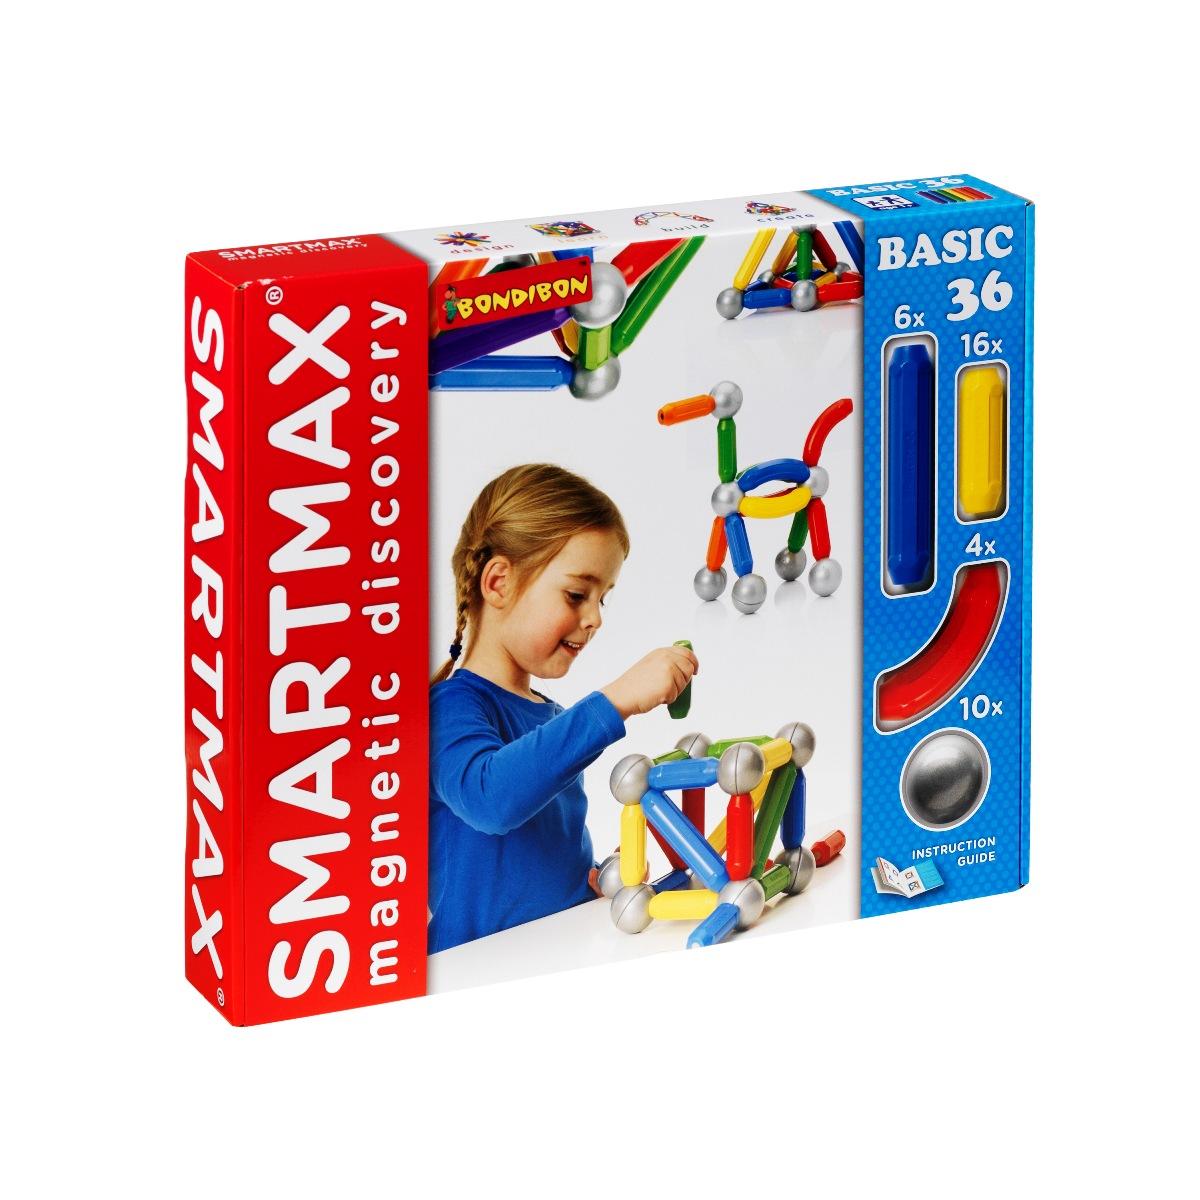 Bondibon Smartmax Конструктор магнитный Основной набор